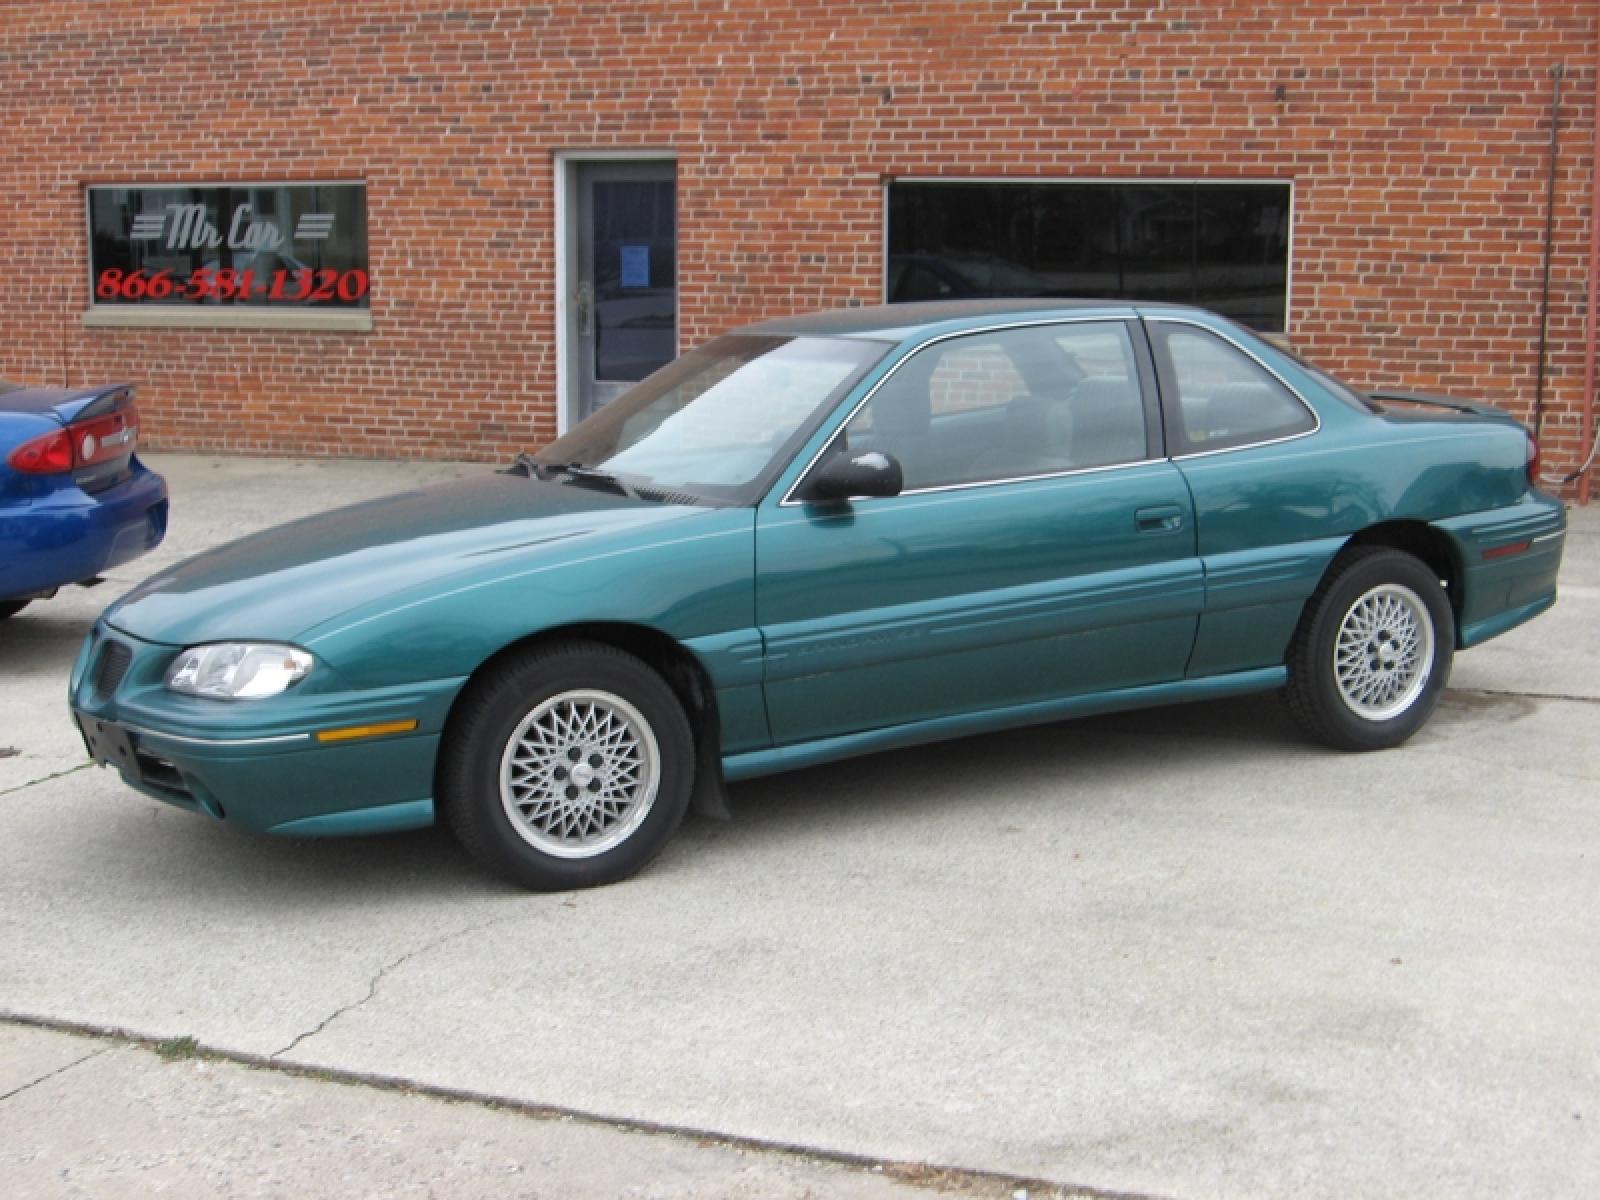 1996 grand am green